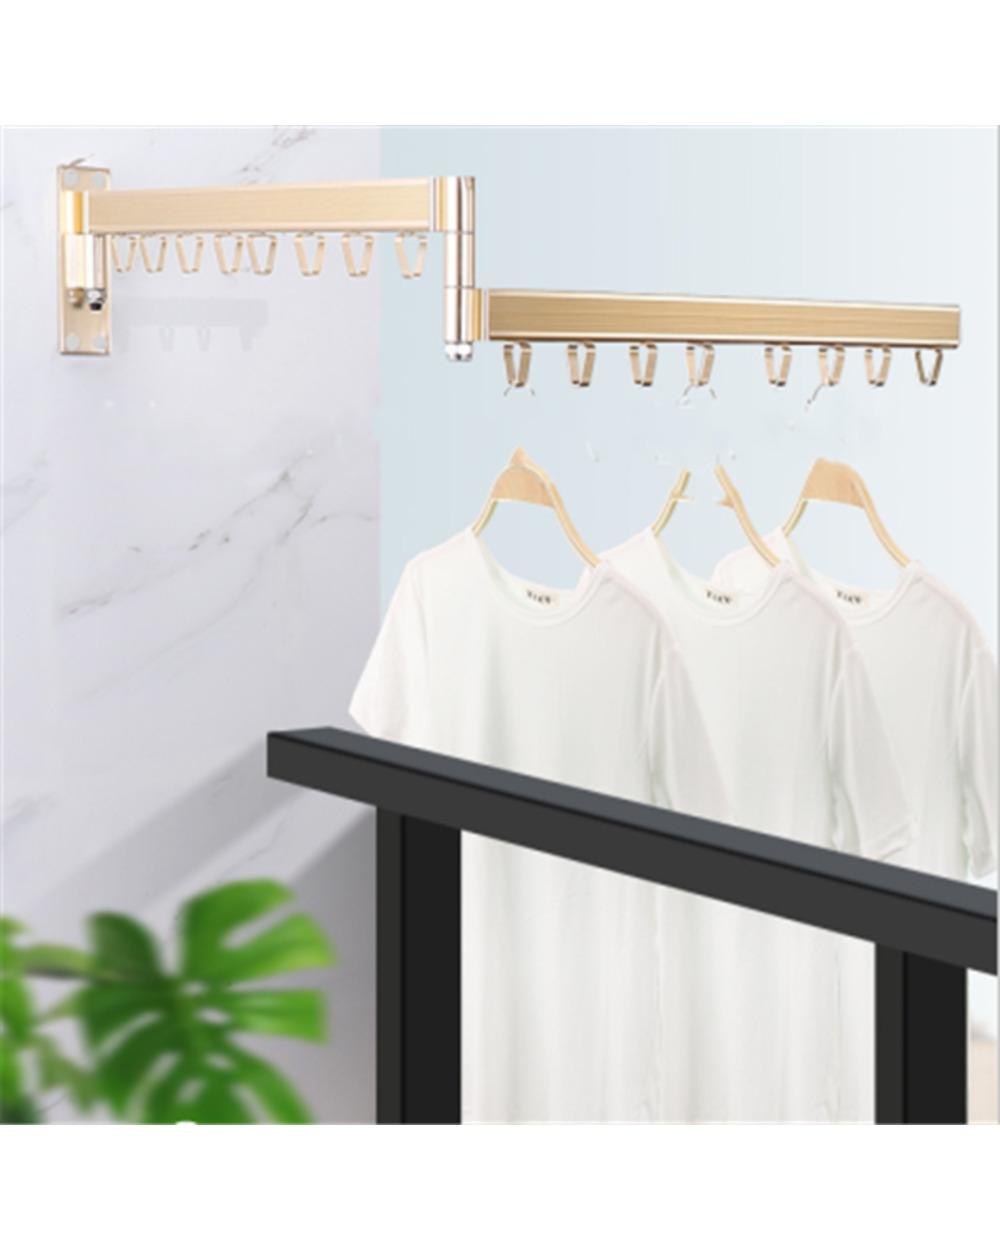 Fold Drying Rack Fold Drying Rack 1